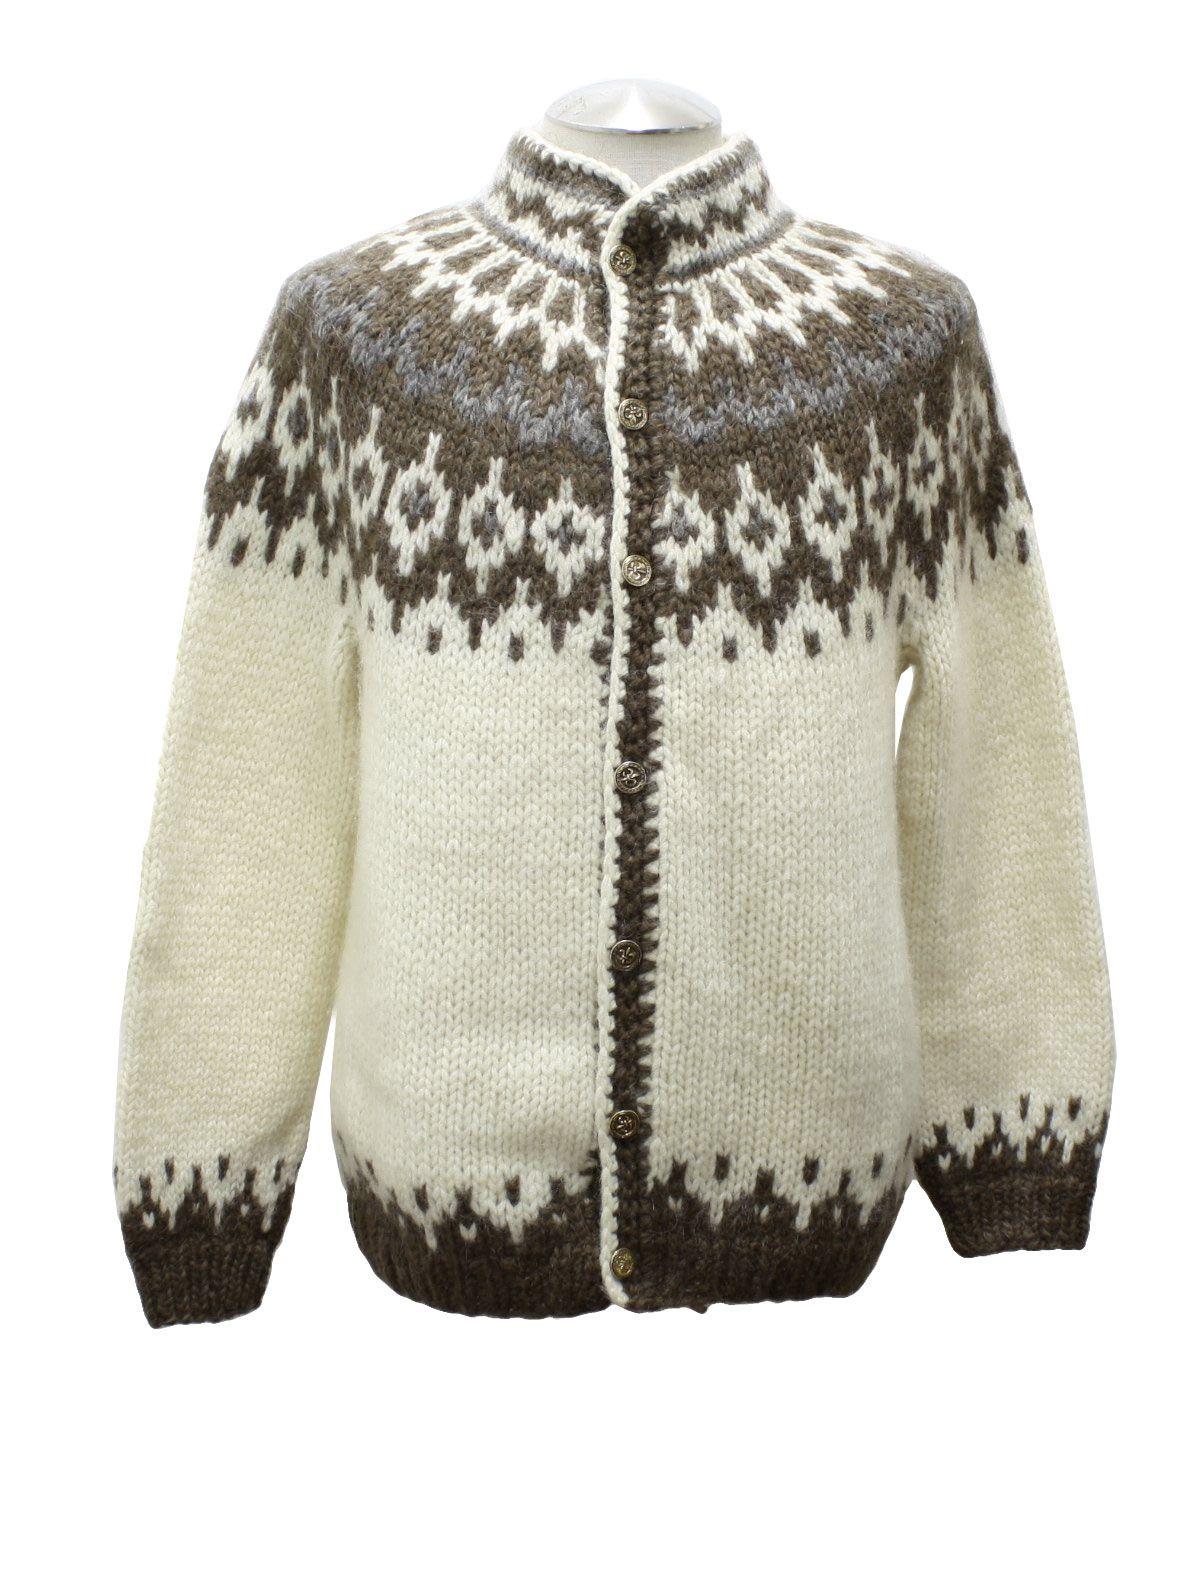 Iceland Sweaters 80's Vintage Caridgan Sweater: 80s vintage ...